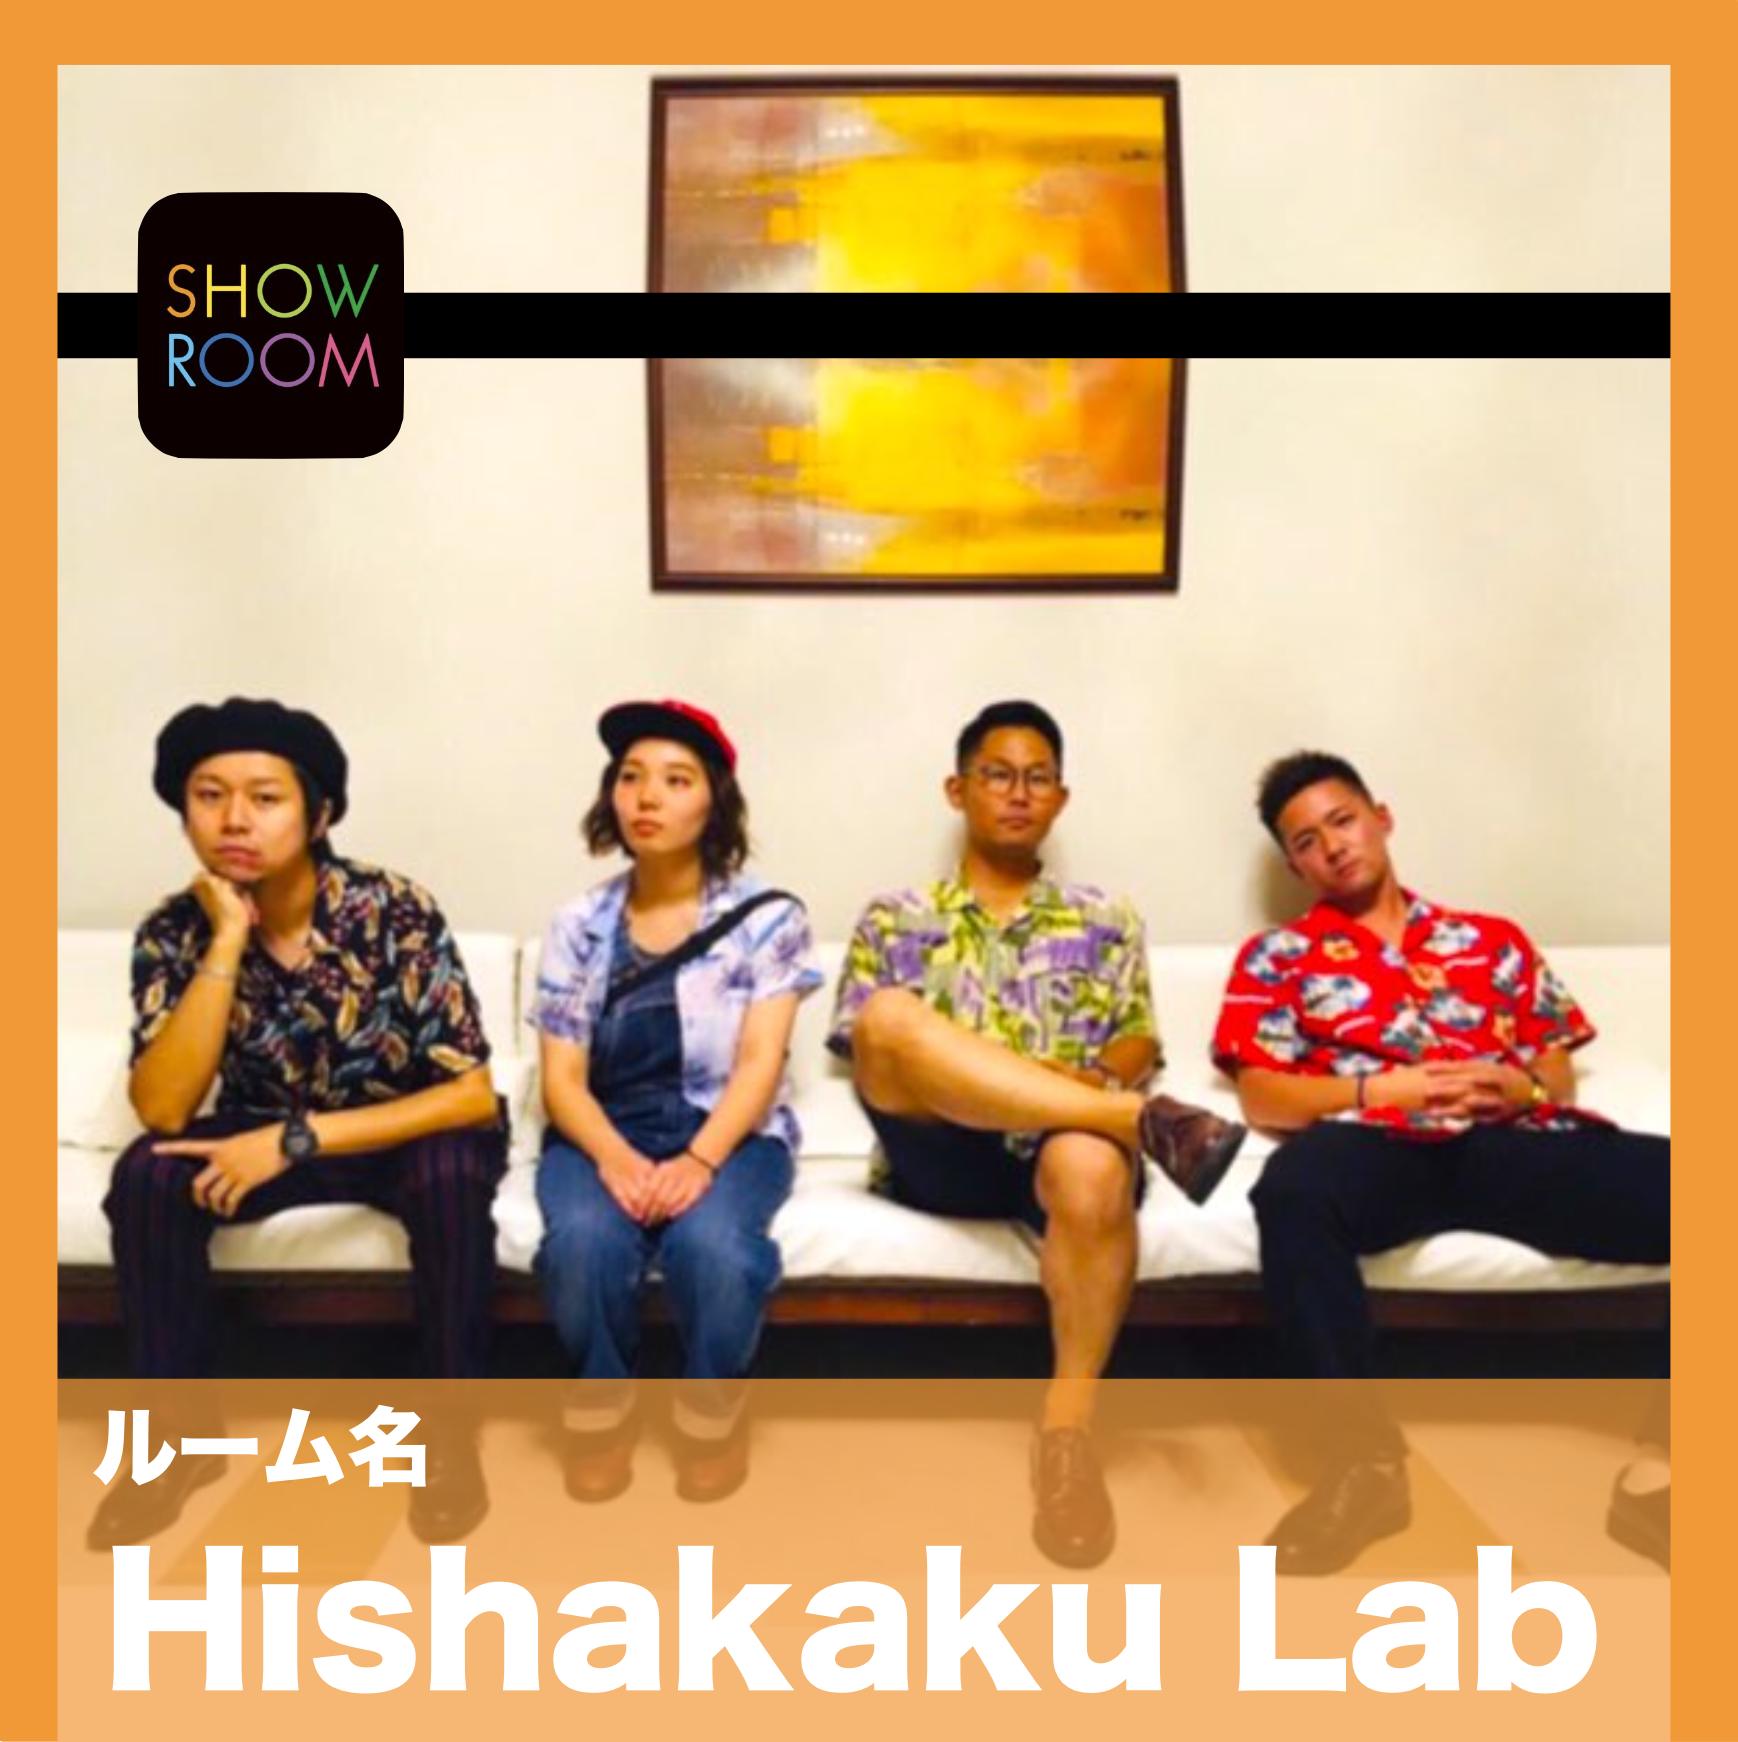 Hishakaku